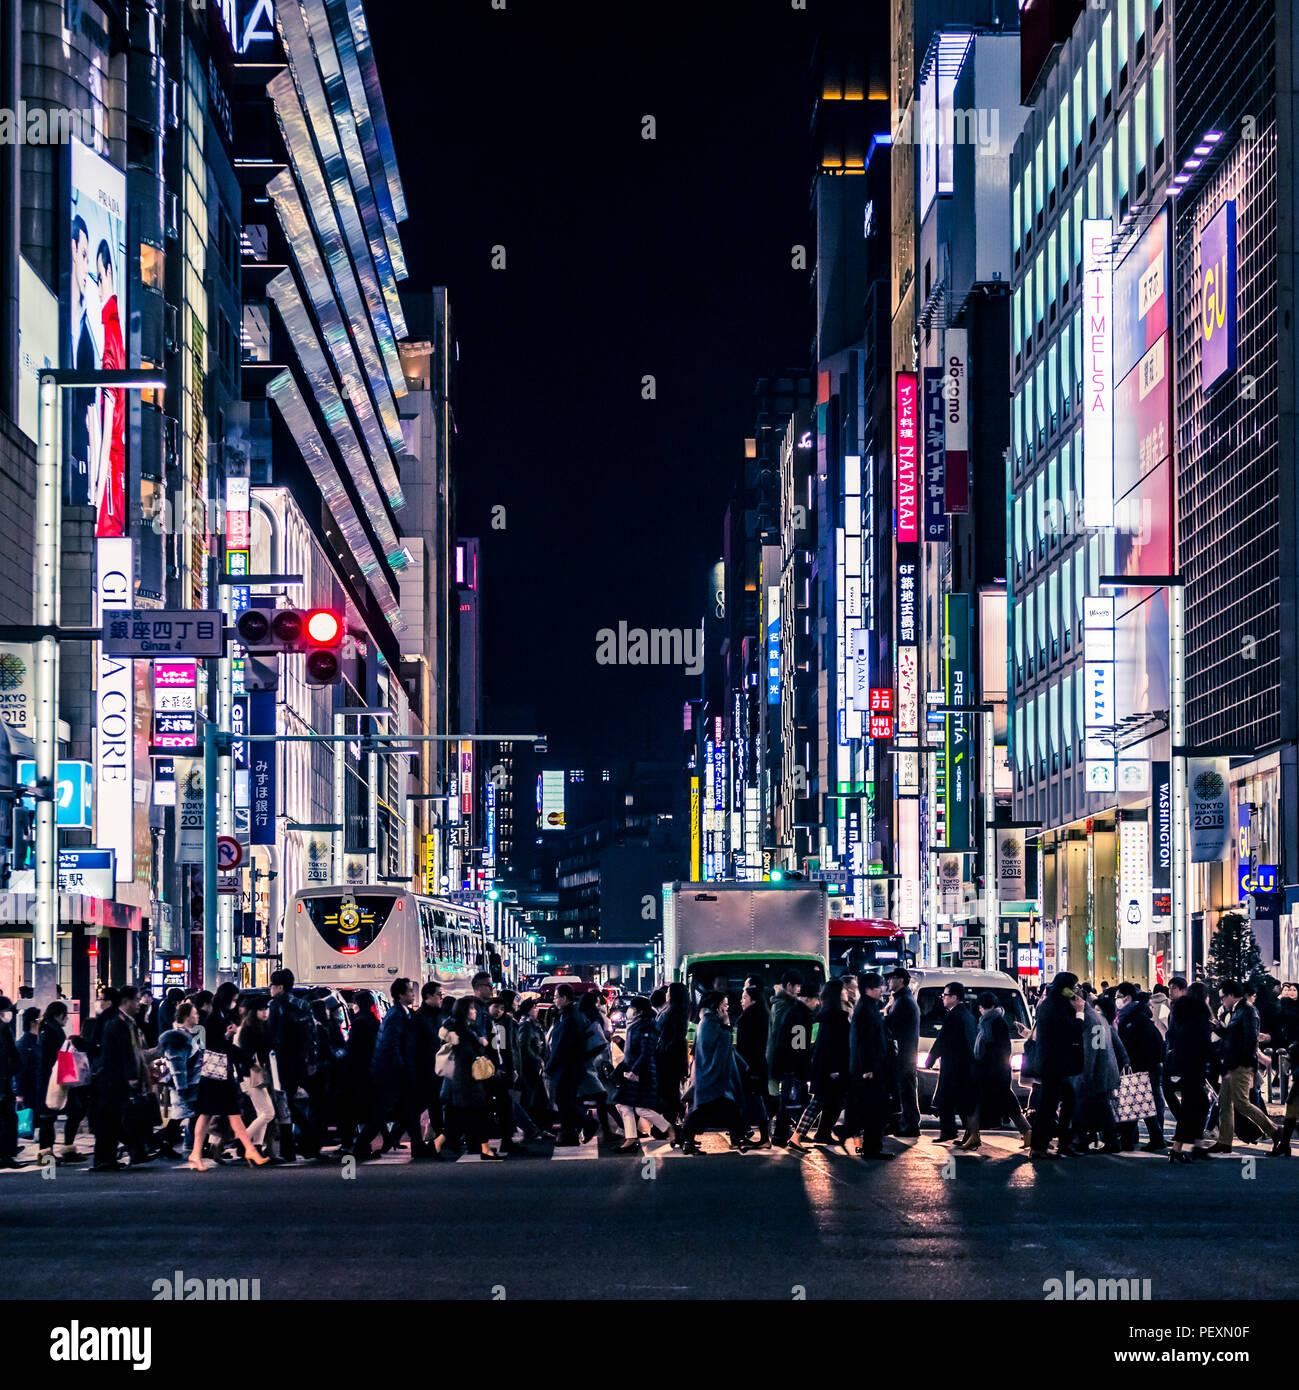 Foule de gens sur rue dans le quartier de Ginza, Tokyo, Japon Photo Stock